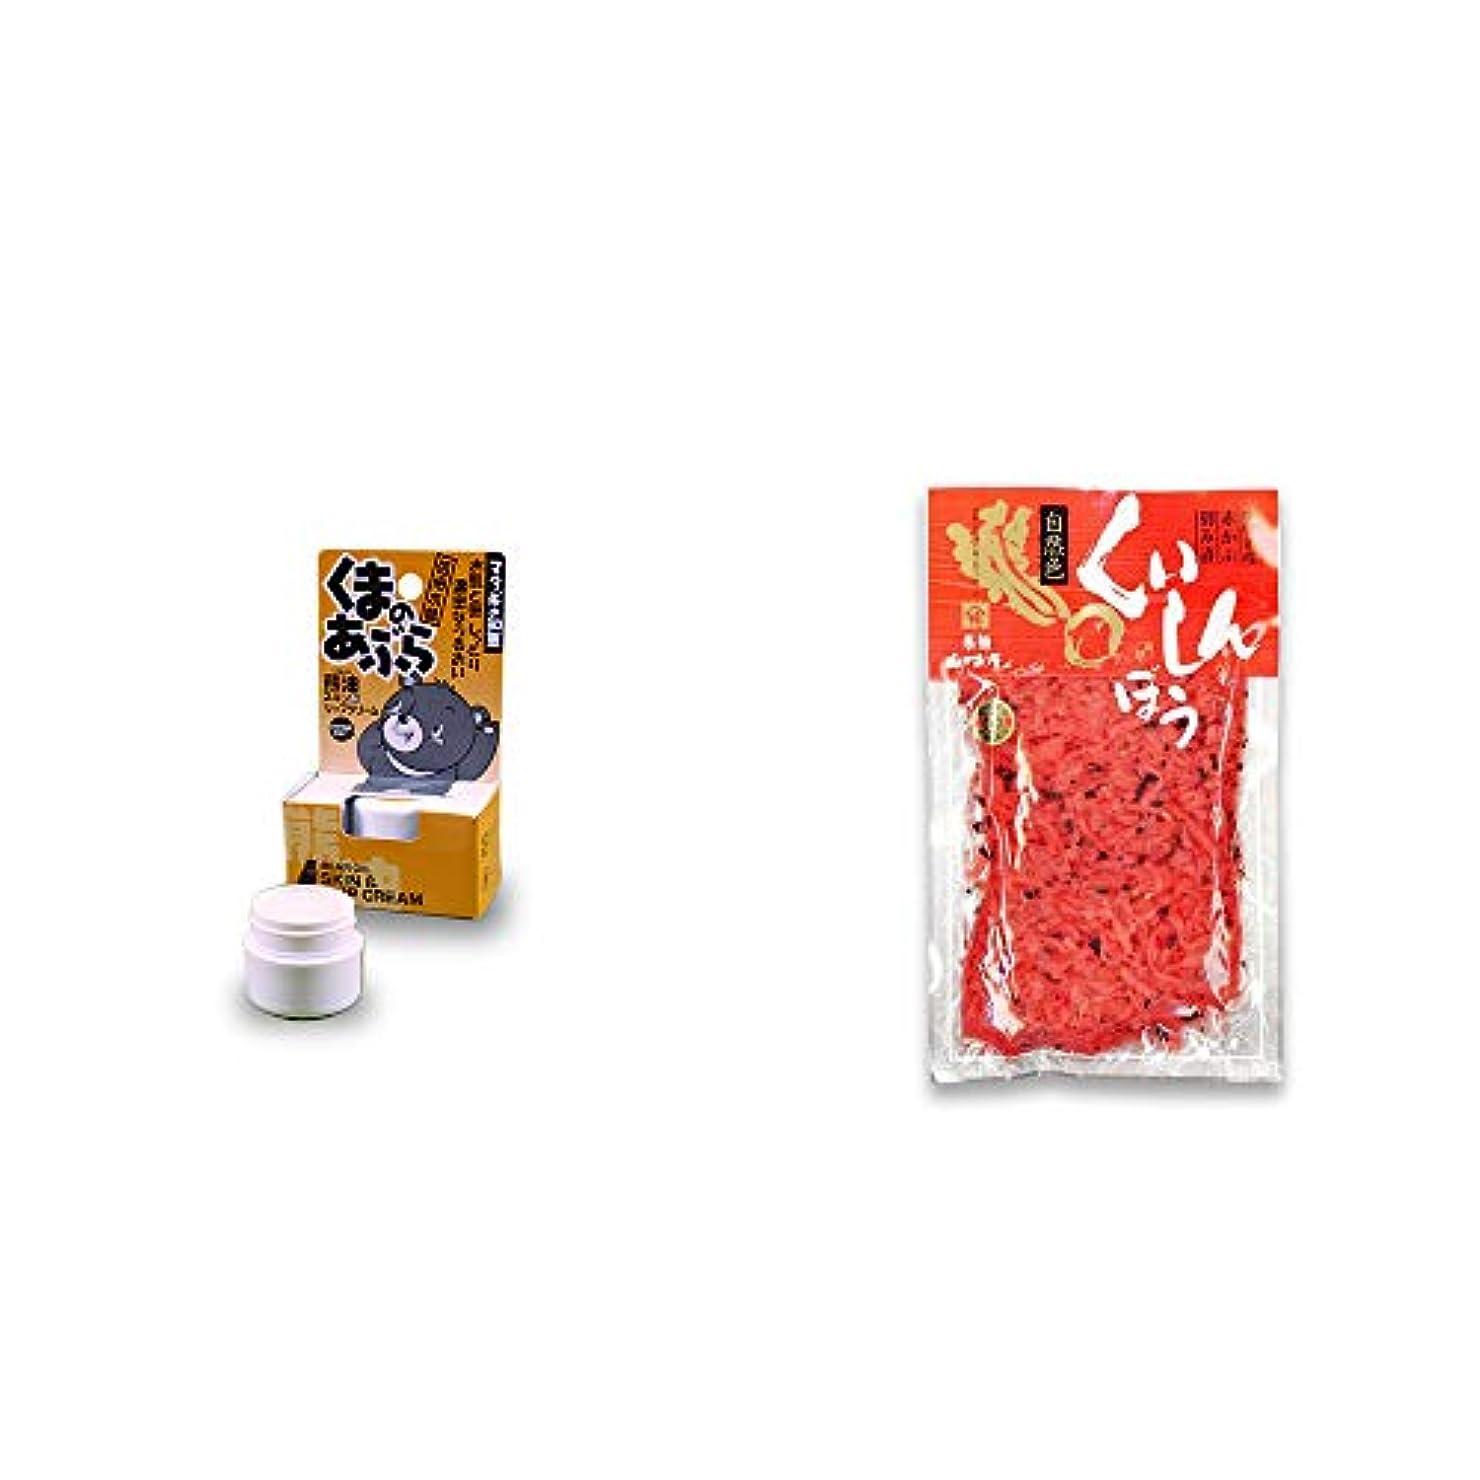 しみ摂動ペリスコープ[2点セット] 信州木曽 くまのあぶら 熊油スキン&リップクリーム(9g)?飛騨山味屋 くいしんぼう【大】(260g) [赤かぶ刻み漬け]